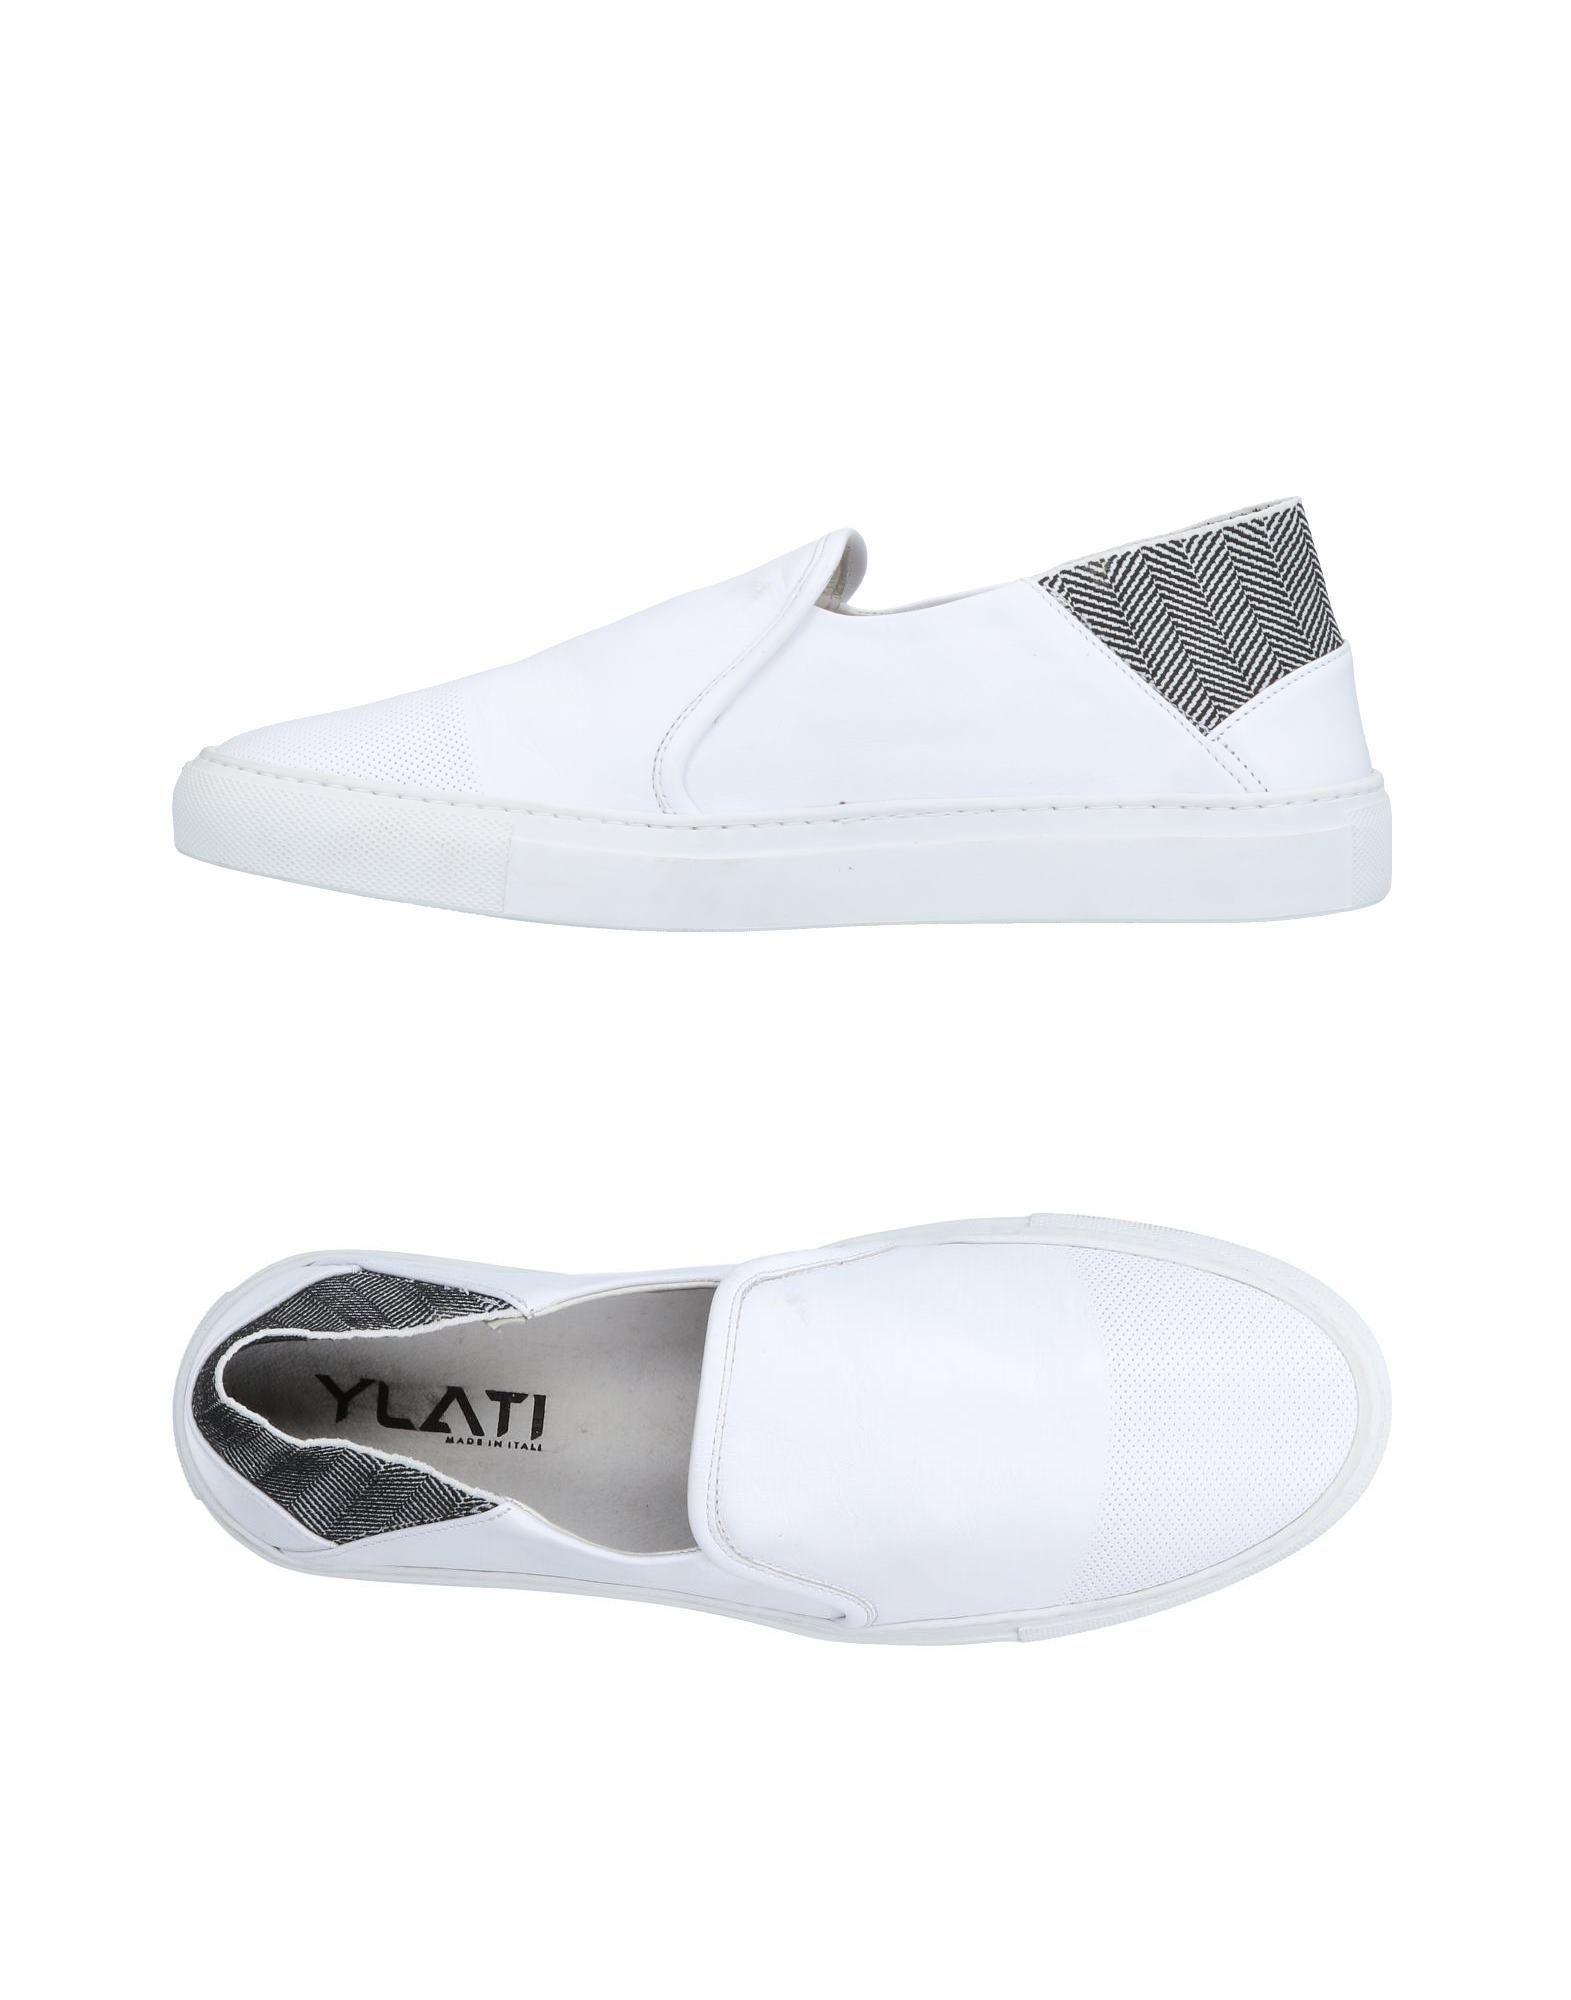 Rabatt echte Schuhe Ylati Sneakers Herren  11499640LL